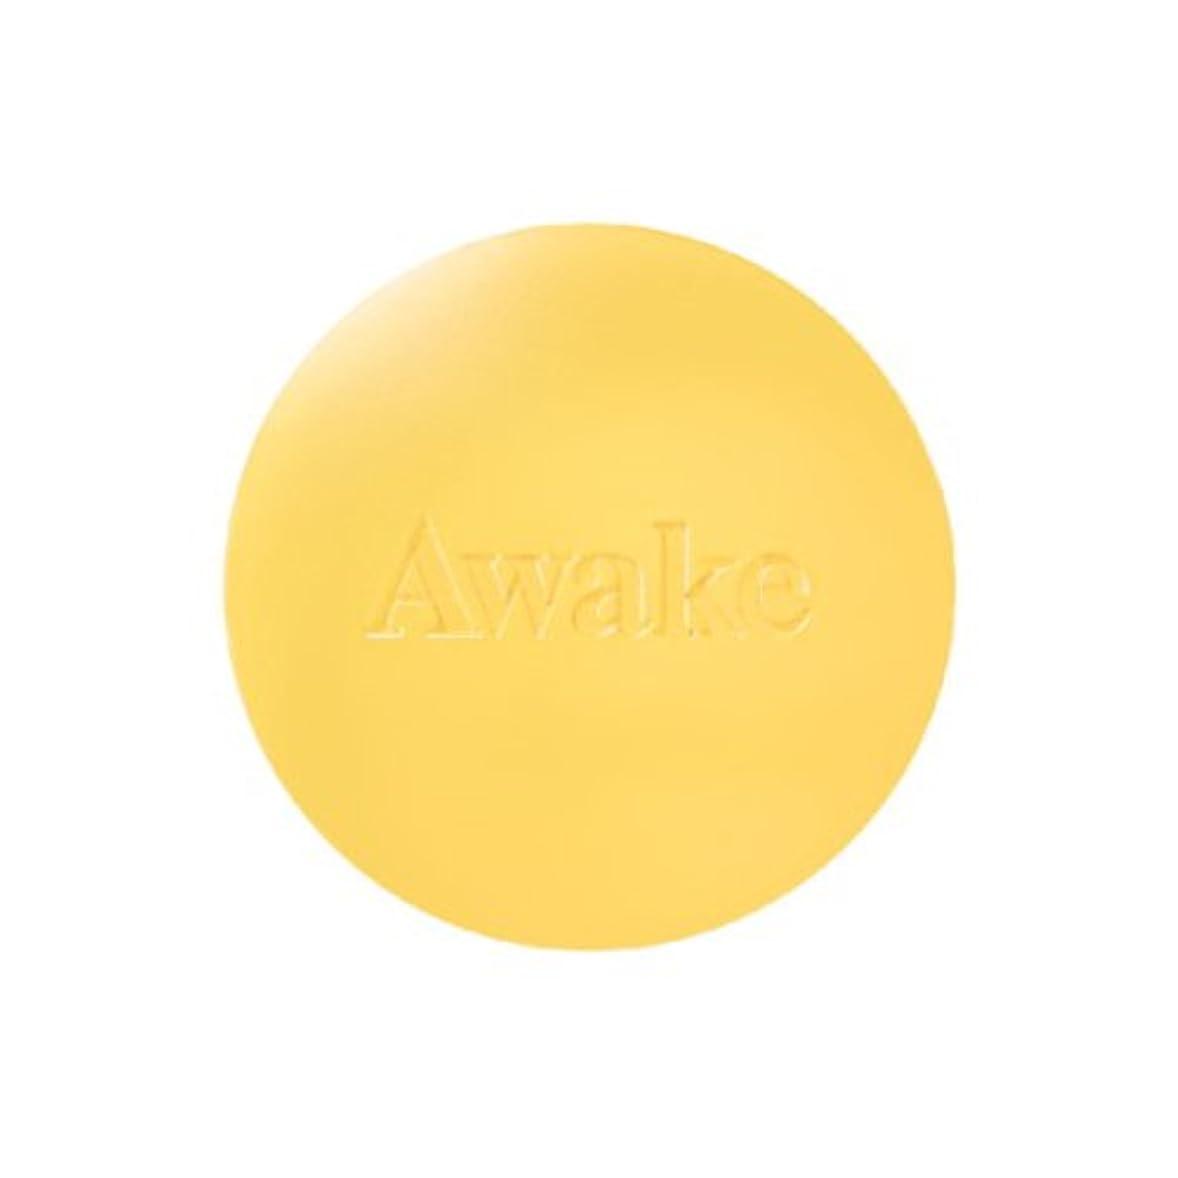 予測締めるピケアウェイク(AWAKE) Awake(アウェイク) アライズ & シャイン フェイシャルバー 〈洗顔石けん〉 (100g)